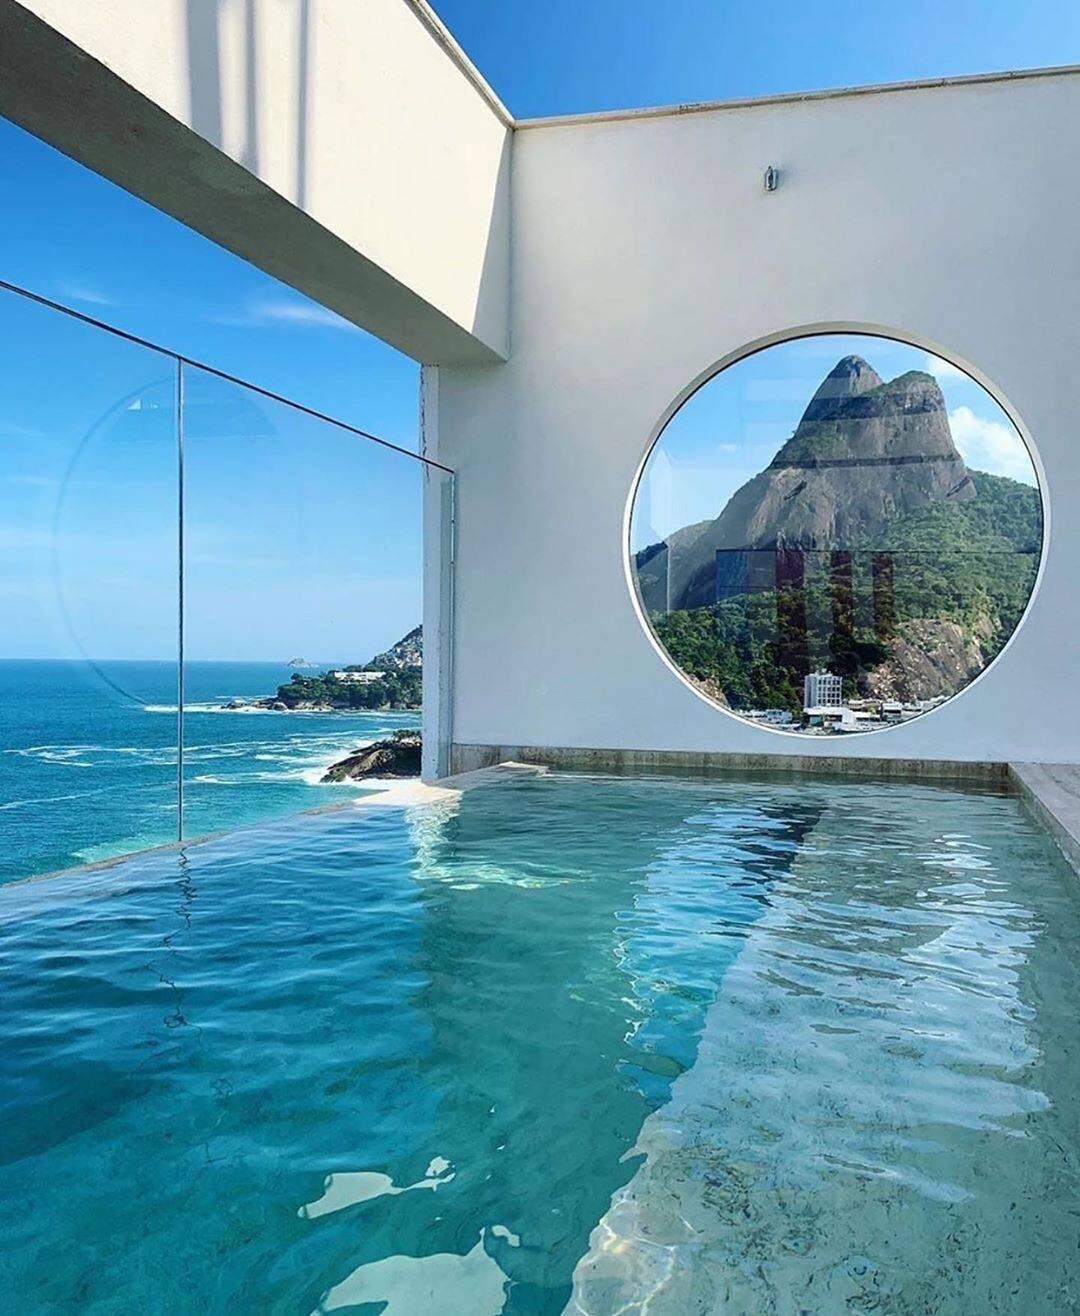 Za sve je kriv jedan hotel u Riu: Ovo su najljepši bazeni u koje bismo se sad baš rado bućnuli